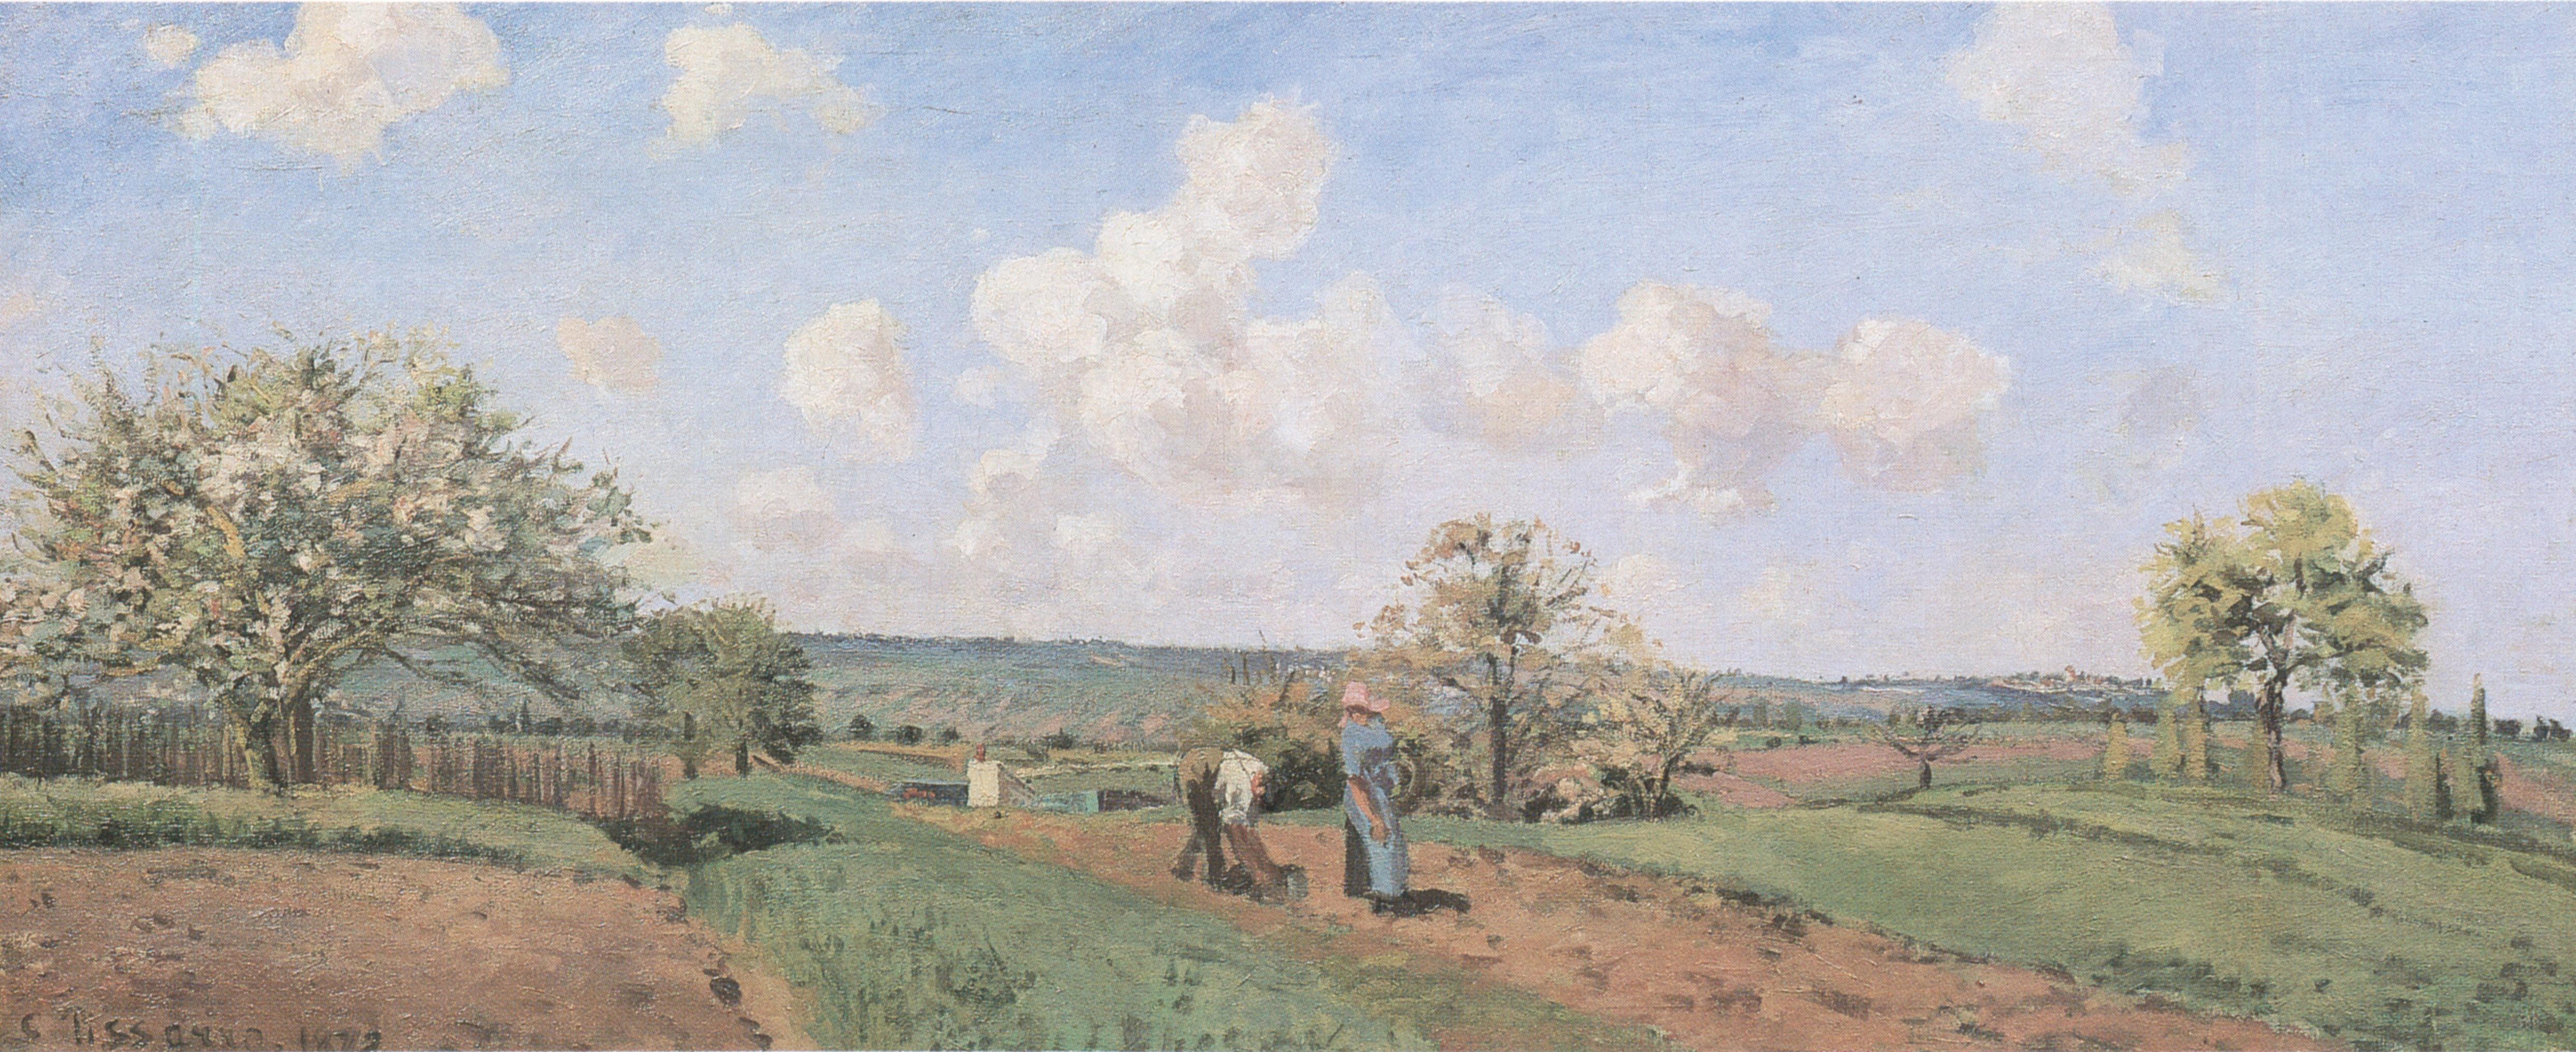 Camille_Pissarro_-_Le_Printemps_-_1872.jpg